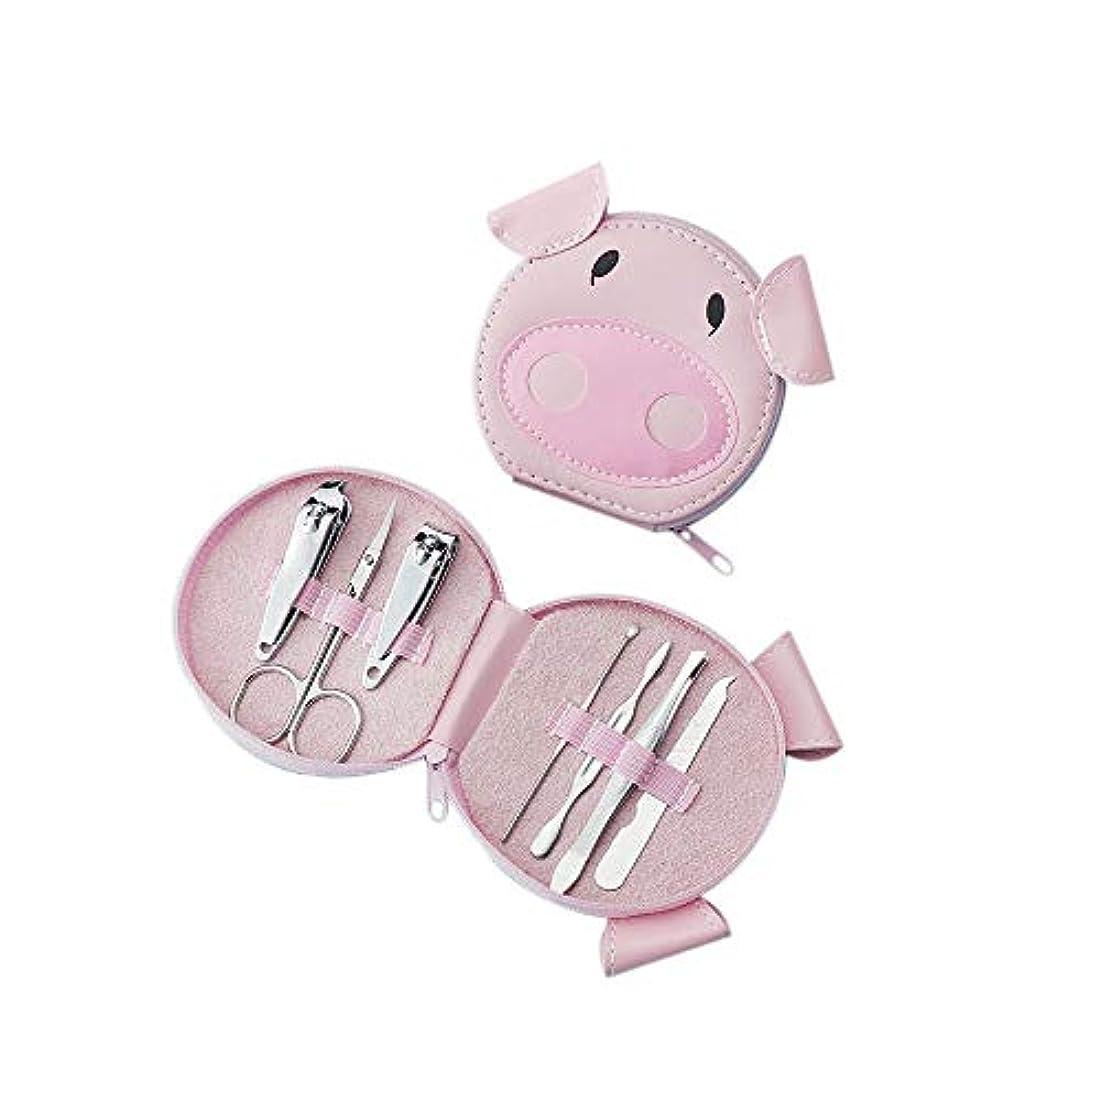 大いに幸運な納得させるファッション爪切りセット漫画の豚ポータブルマニキュアメイクトリミングツールセット、7点セット